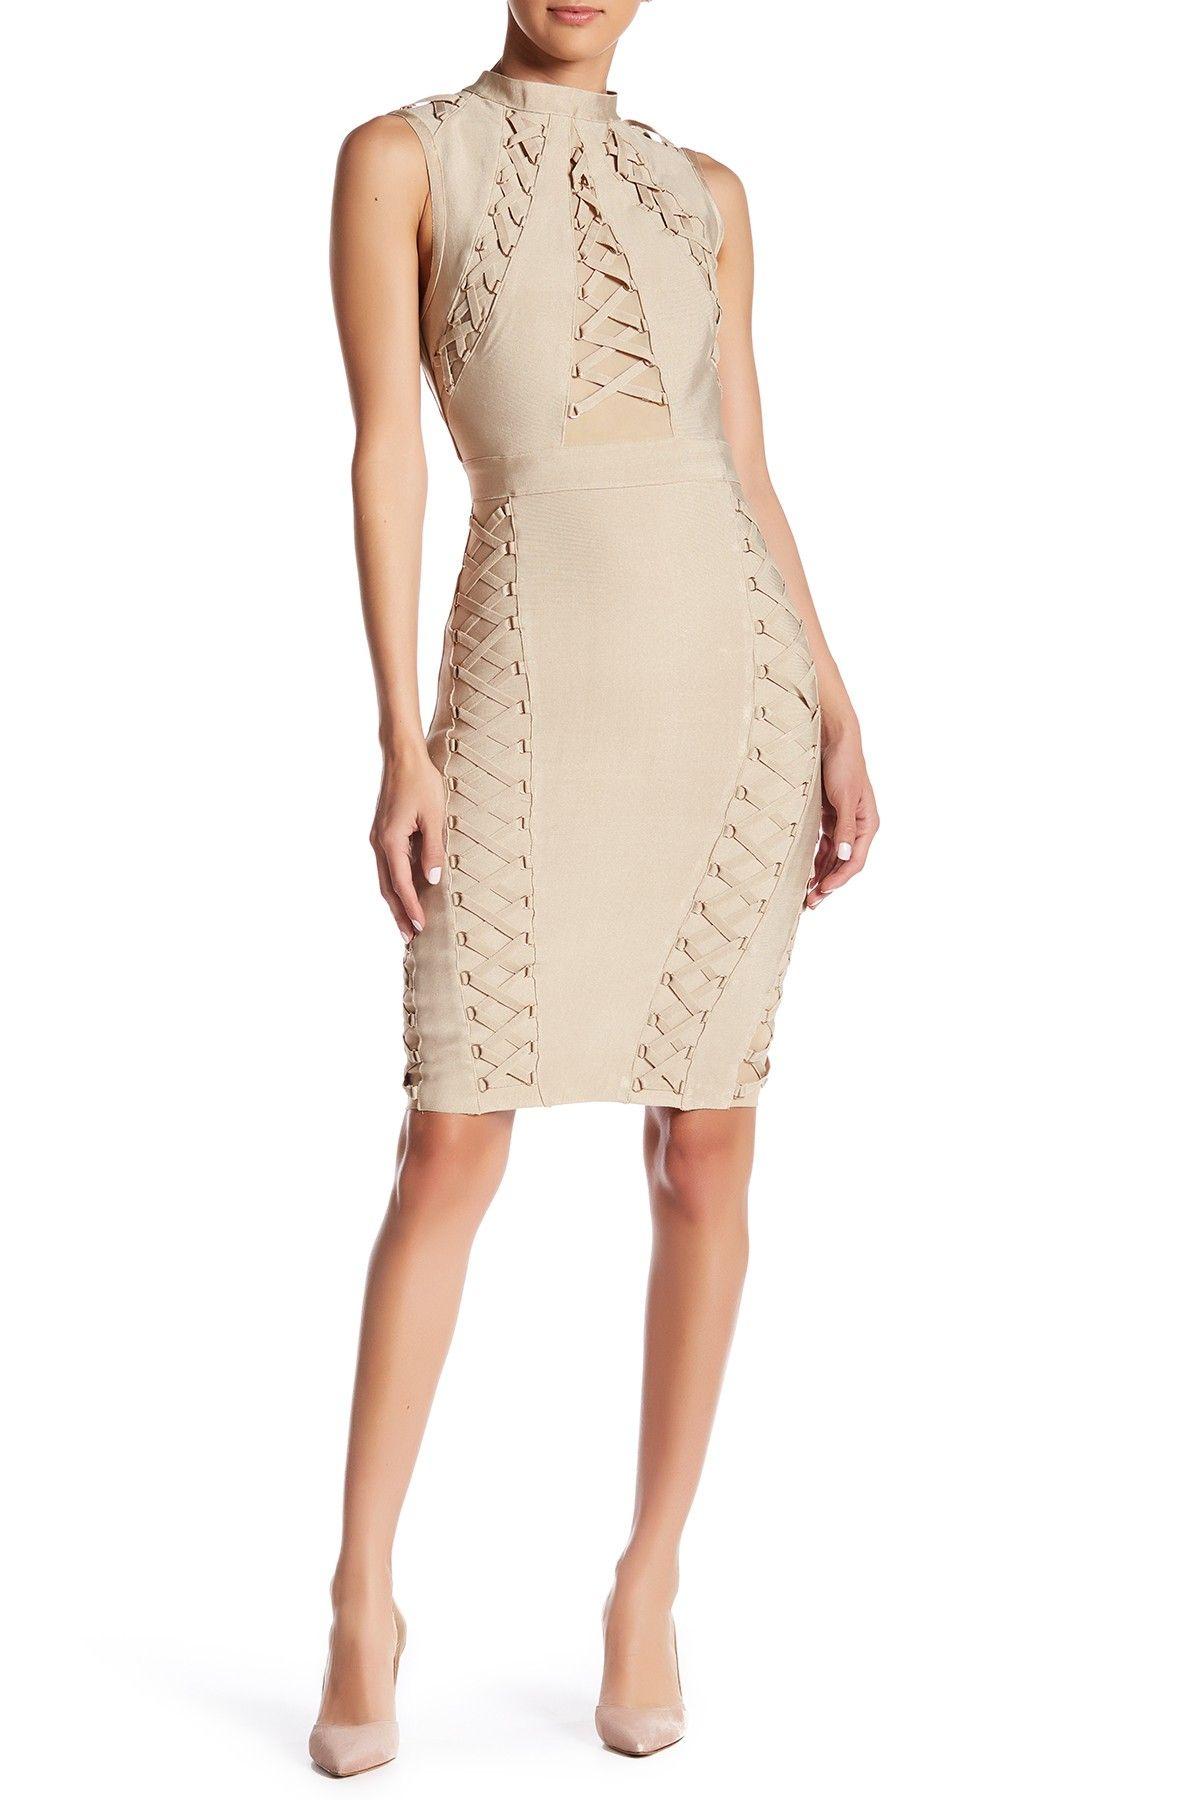 Up Bandage Dress